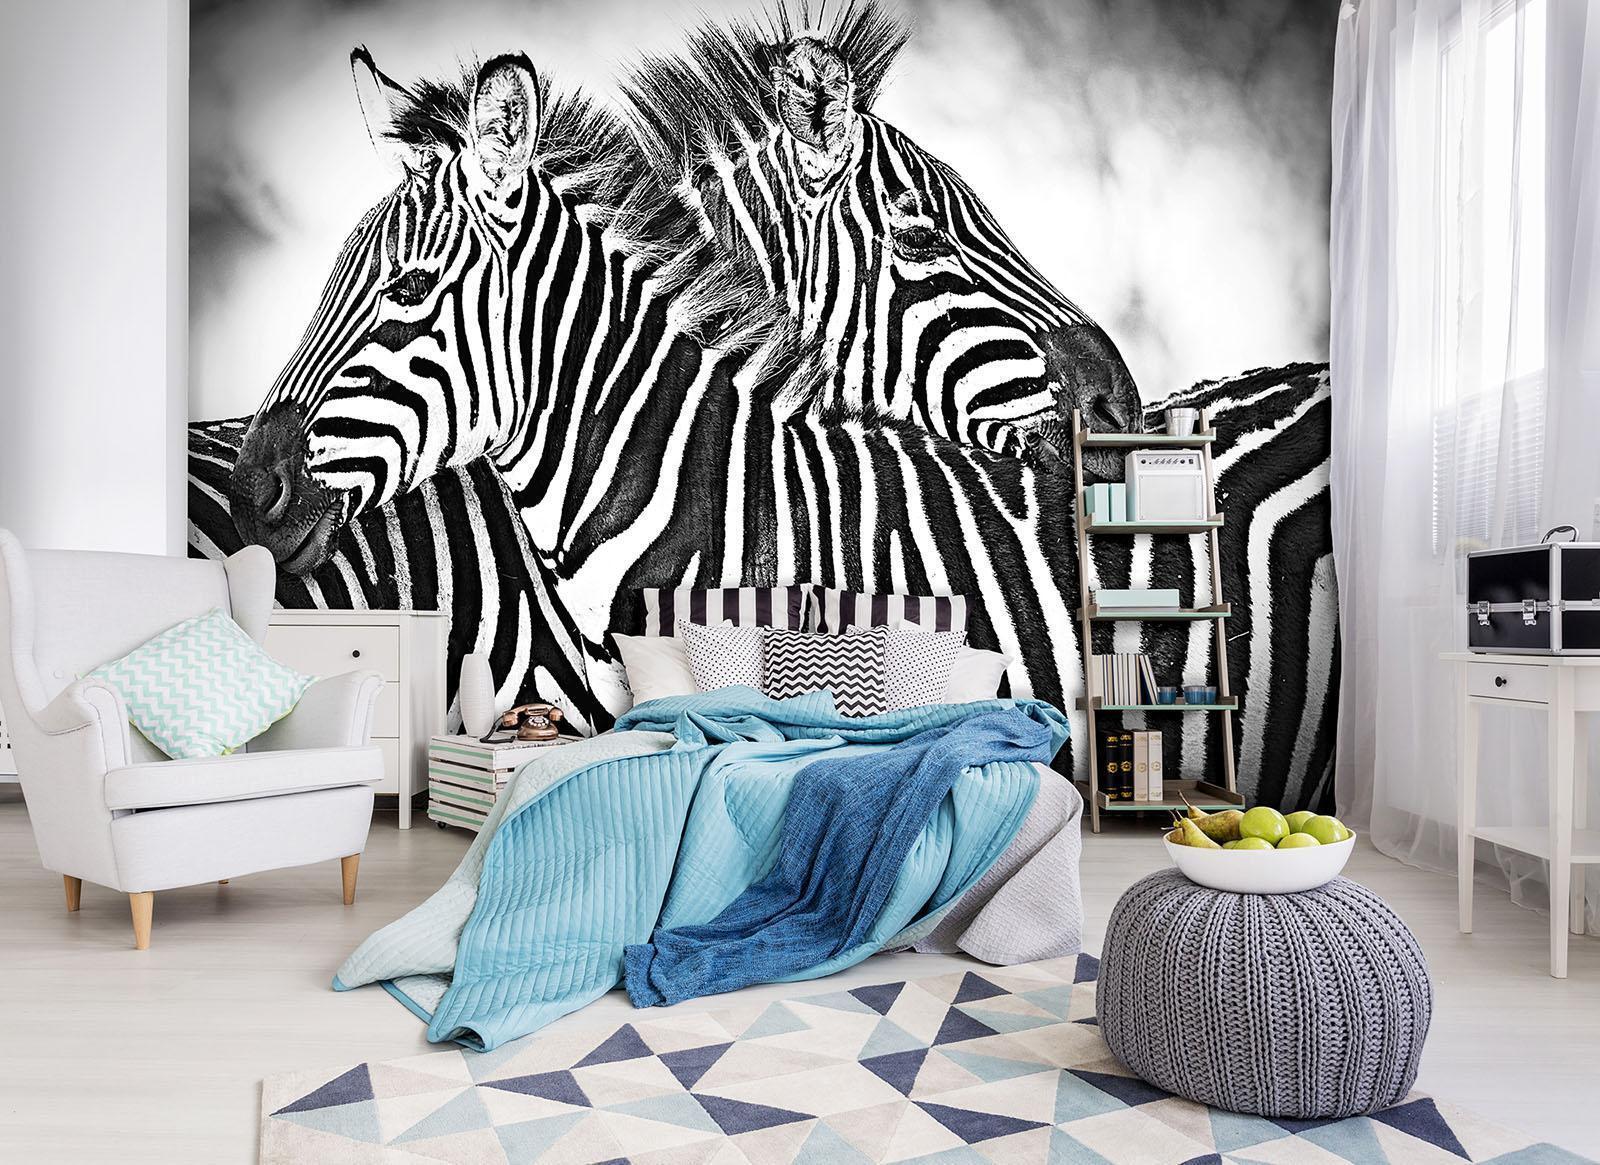 Vließ Fototapete Tapete Wandbild Photo Wallpaper Mural Zebra Weiss-Schwarz 10159